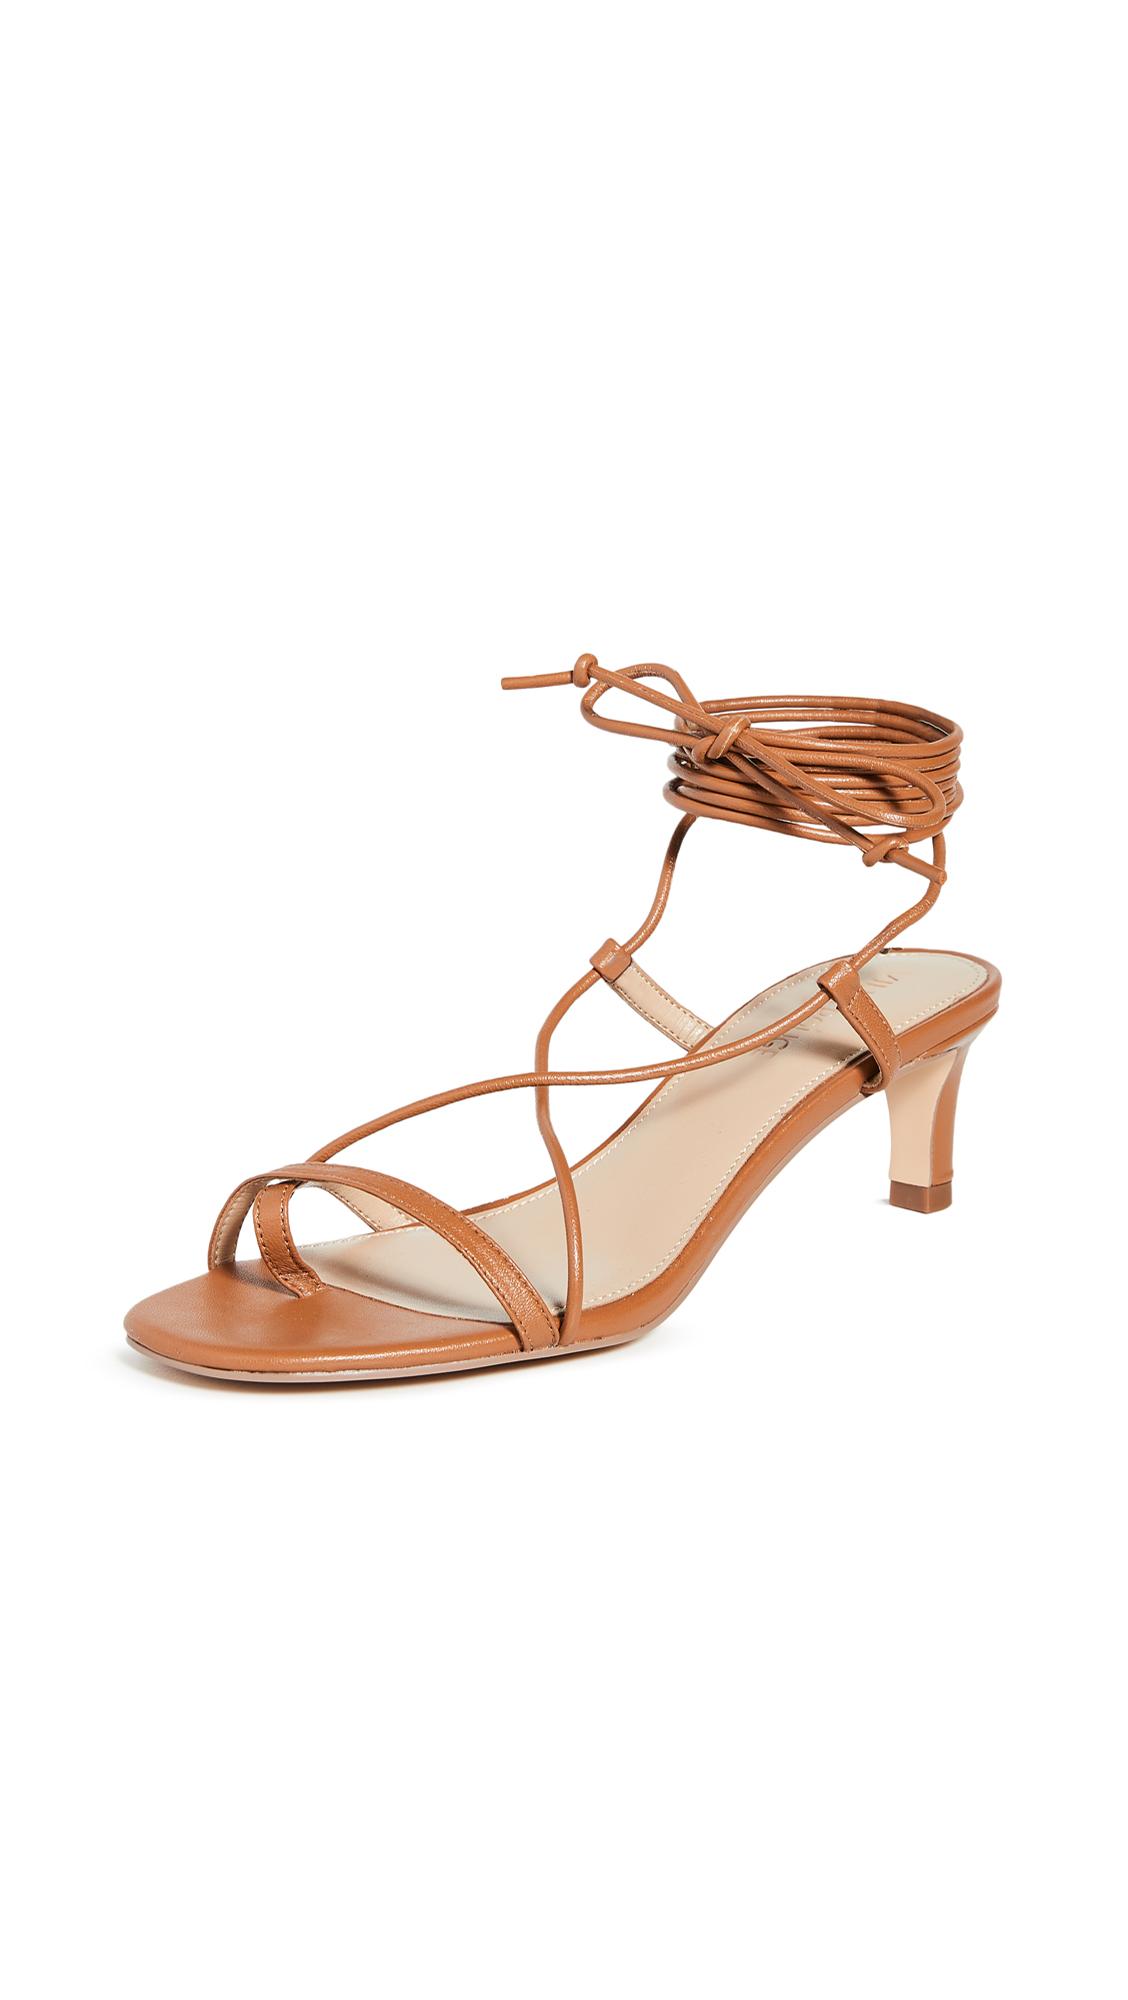 Buy Villa Rouge Dannie Sandals online, shop Villa Rouge